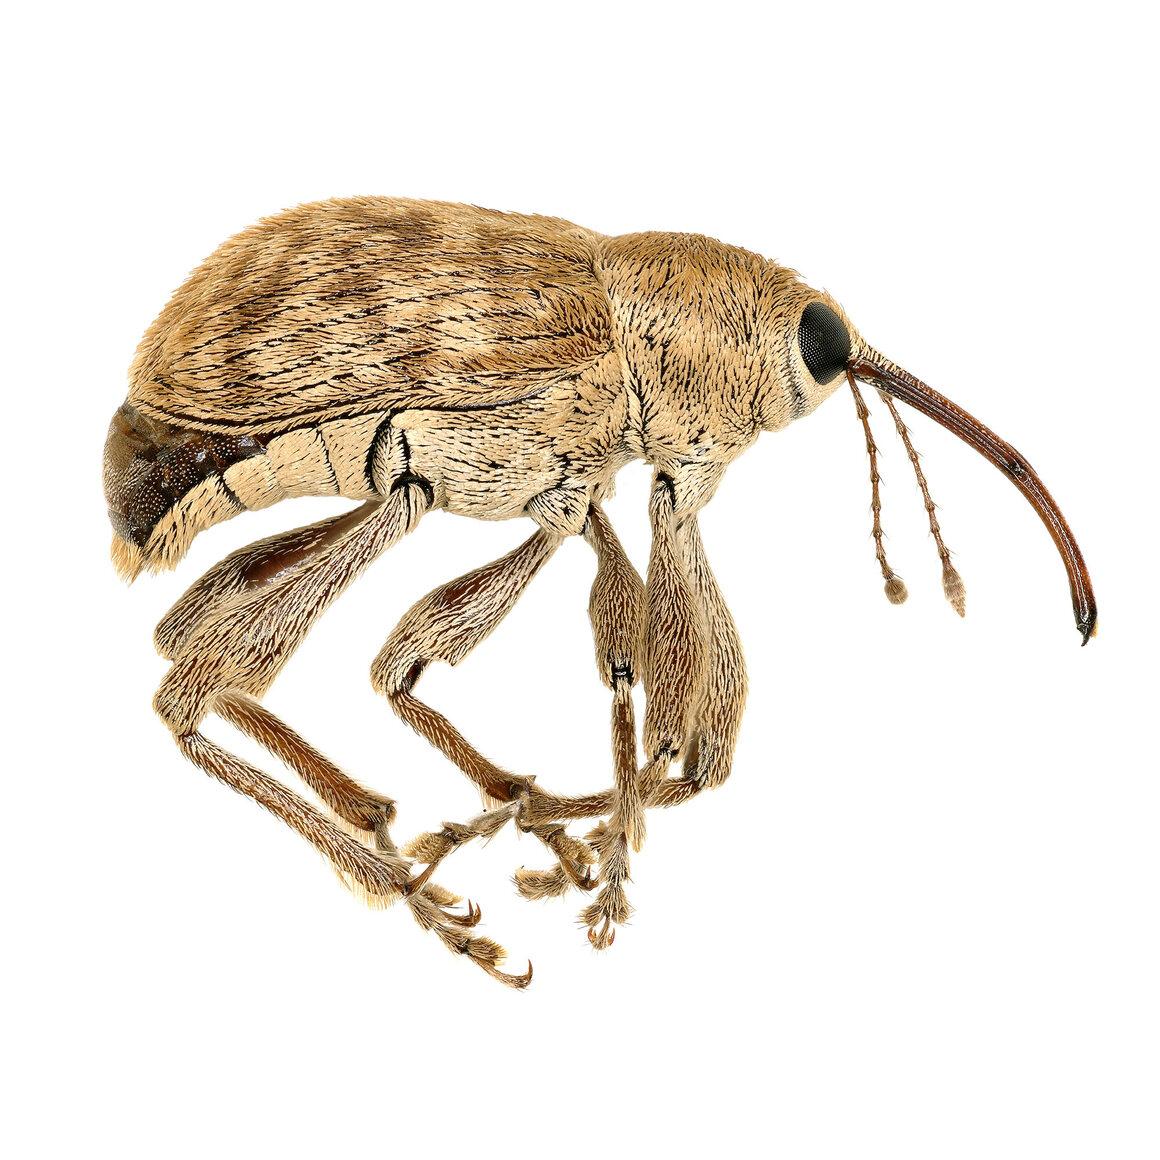 Acorn weevil, <em>Curculio occidentis</em>.